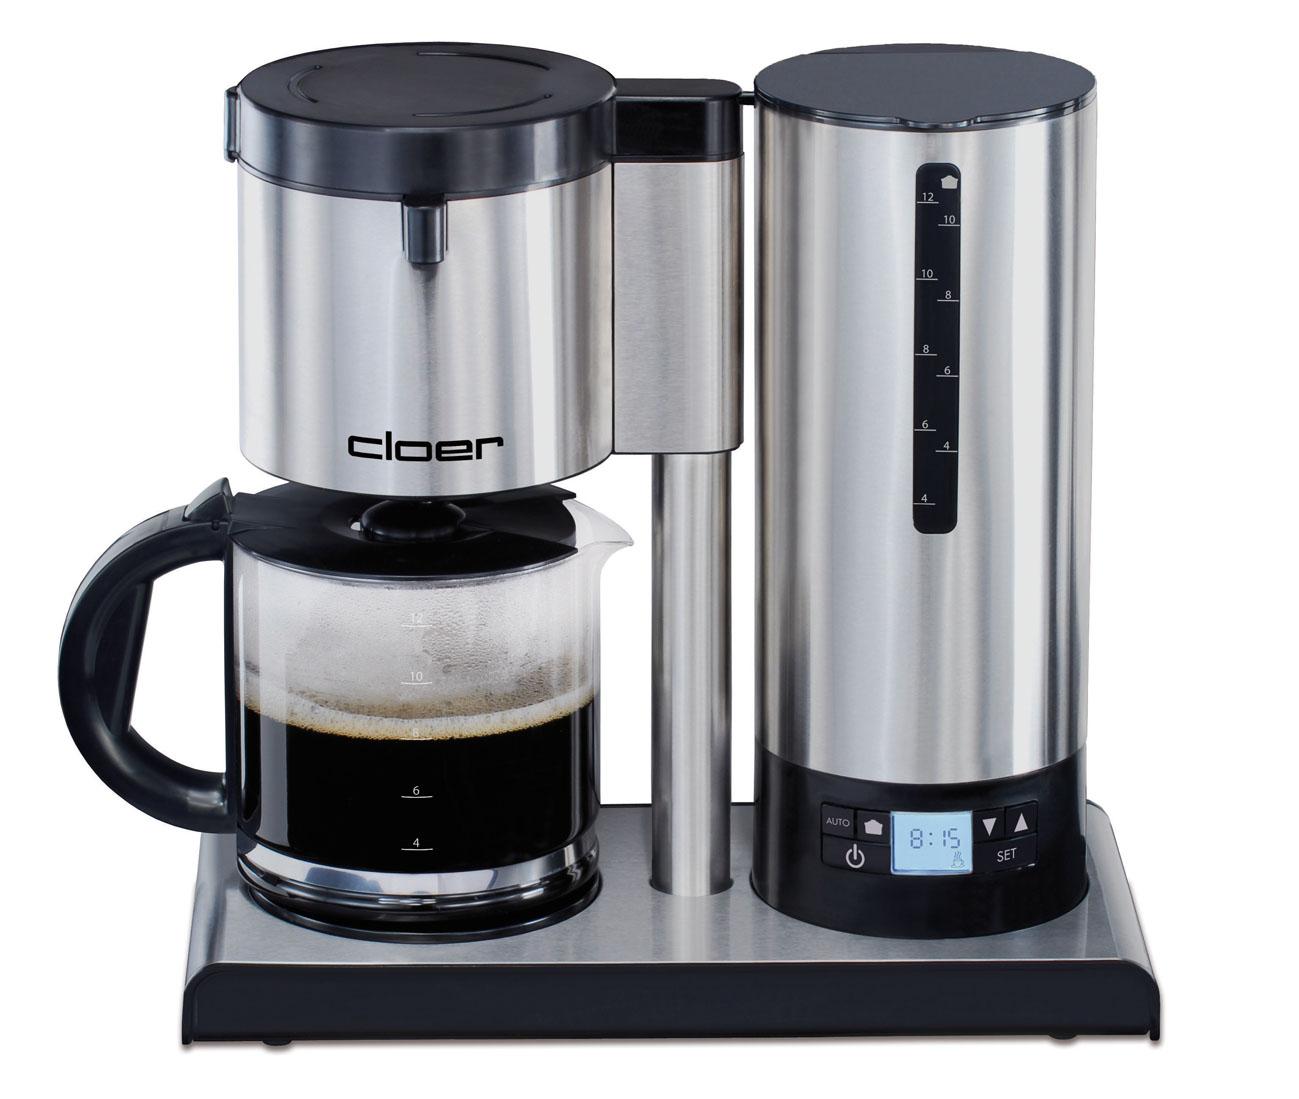 cloer kaffeemaschine 5609 mit temperaturstabilisierung f r filterkaffee. Black Bedroom Furniture Sets. Home Design Ideas